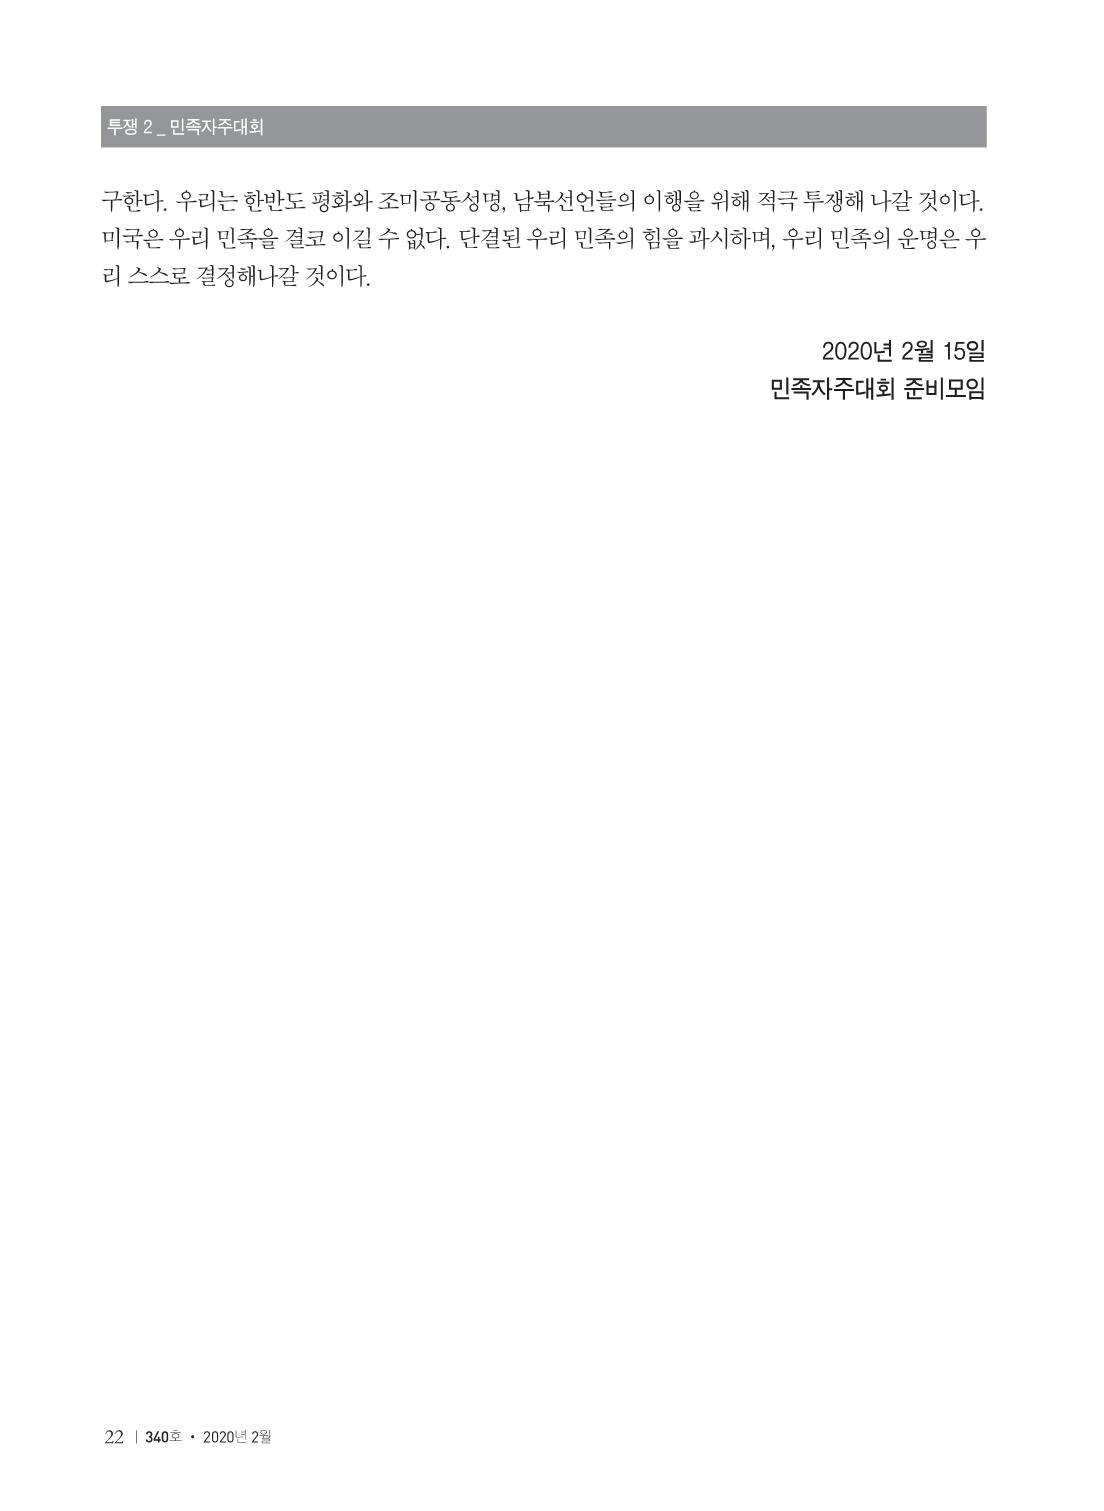 c3a550e7-2d95-46c0-bdec-64c56104ebf4.pdf-0024.png